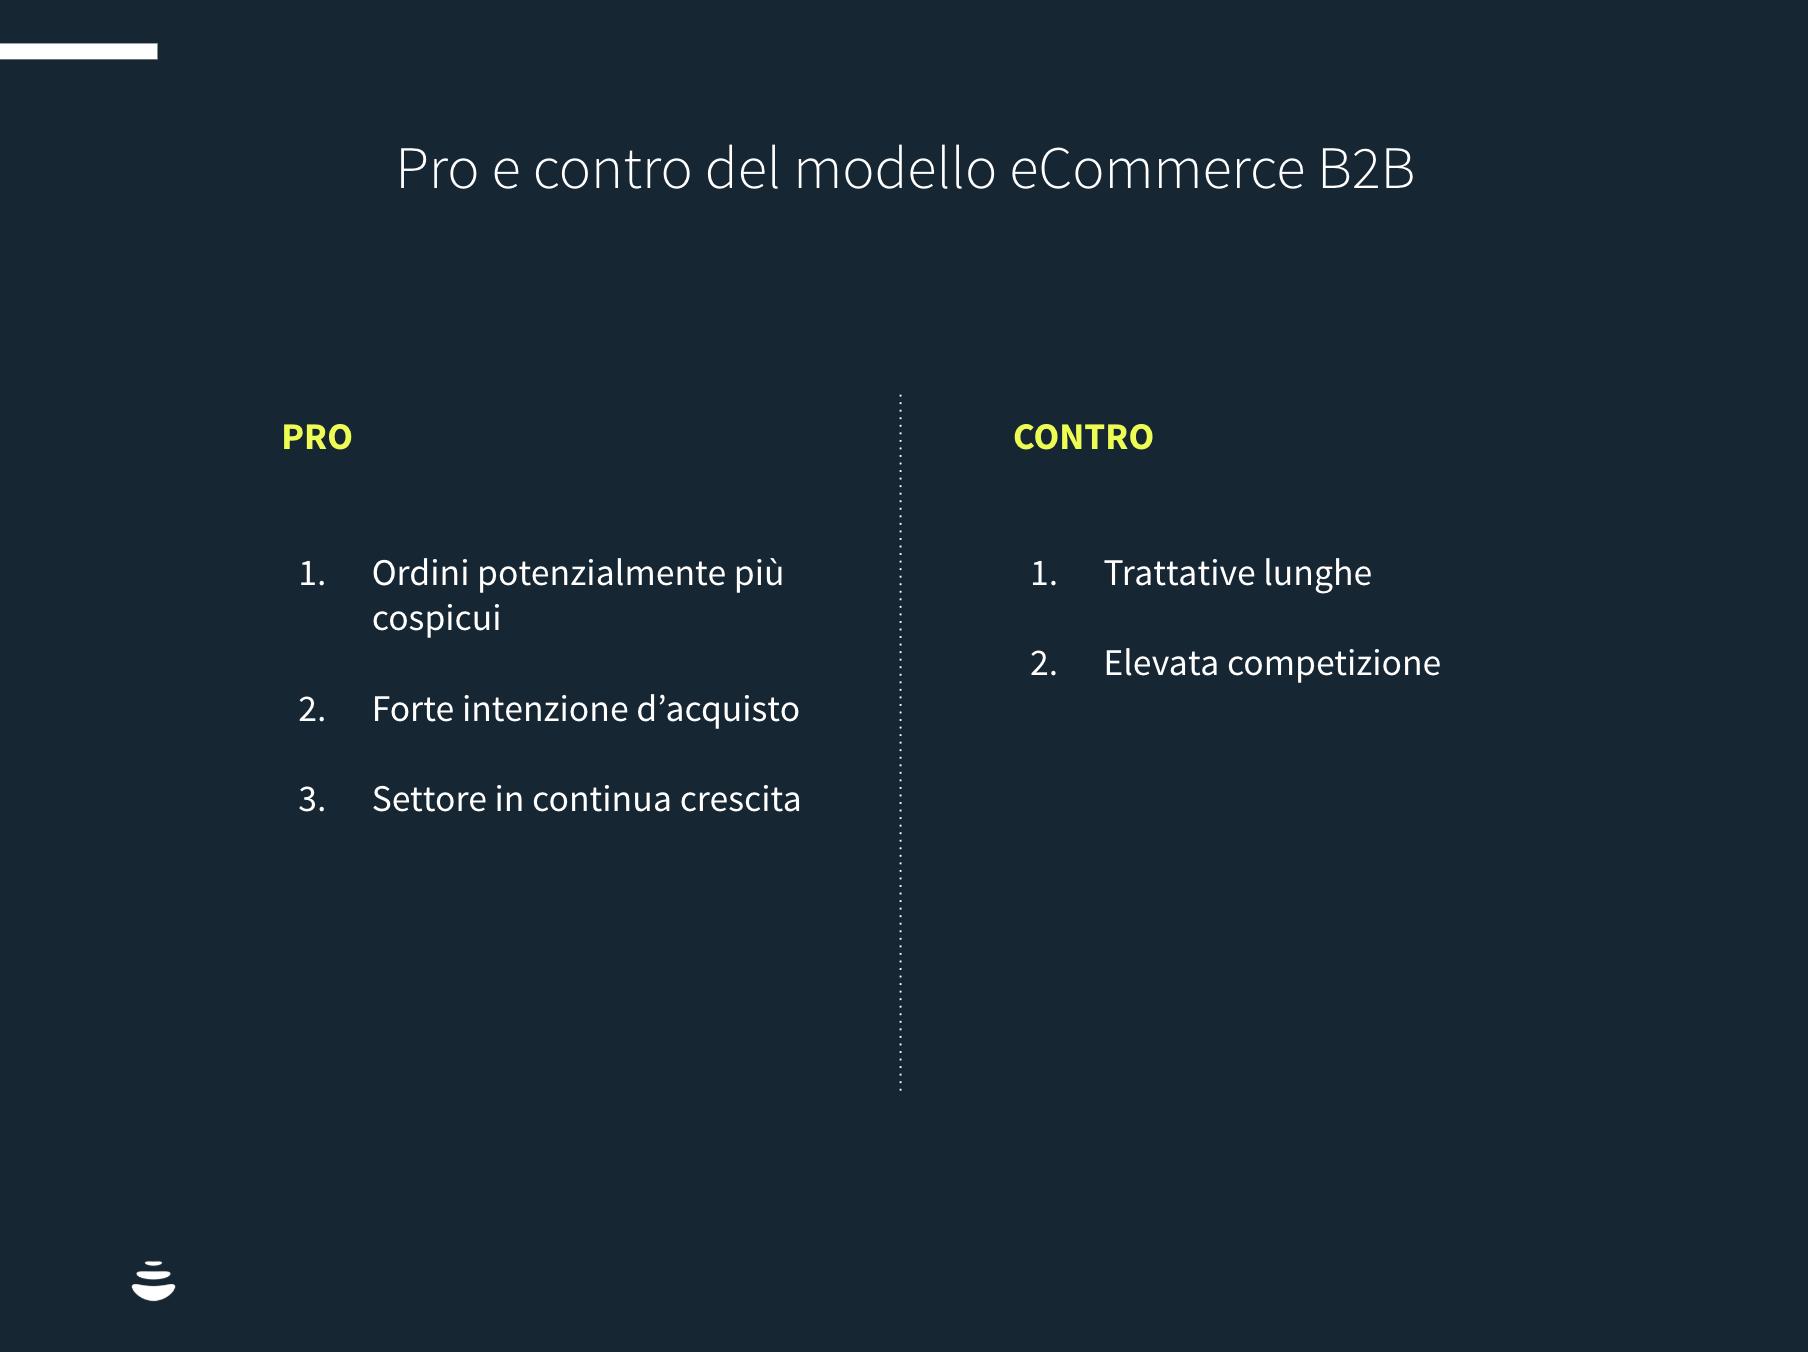 modello ecommerce B2B